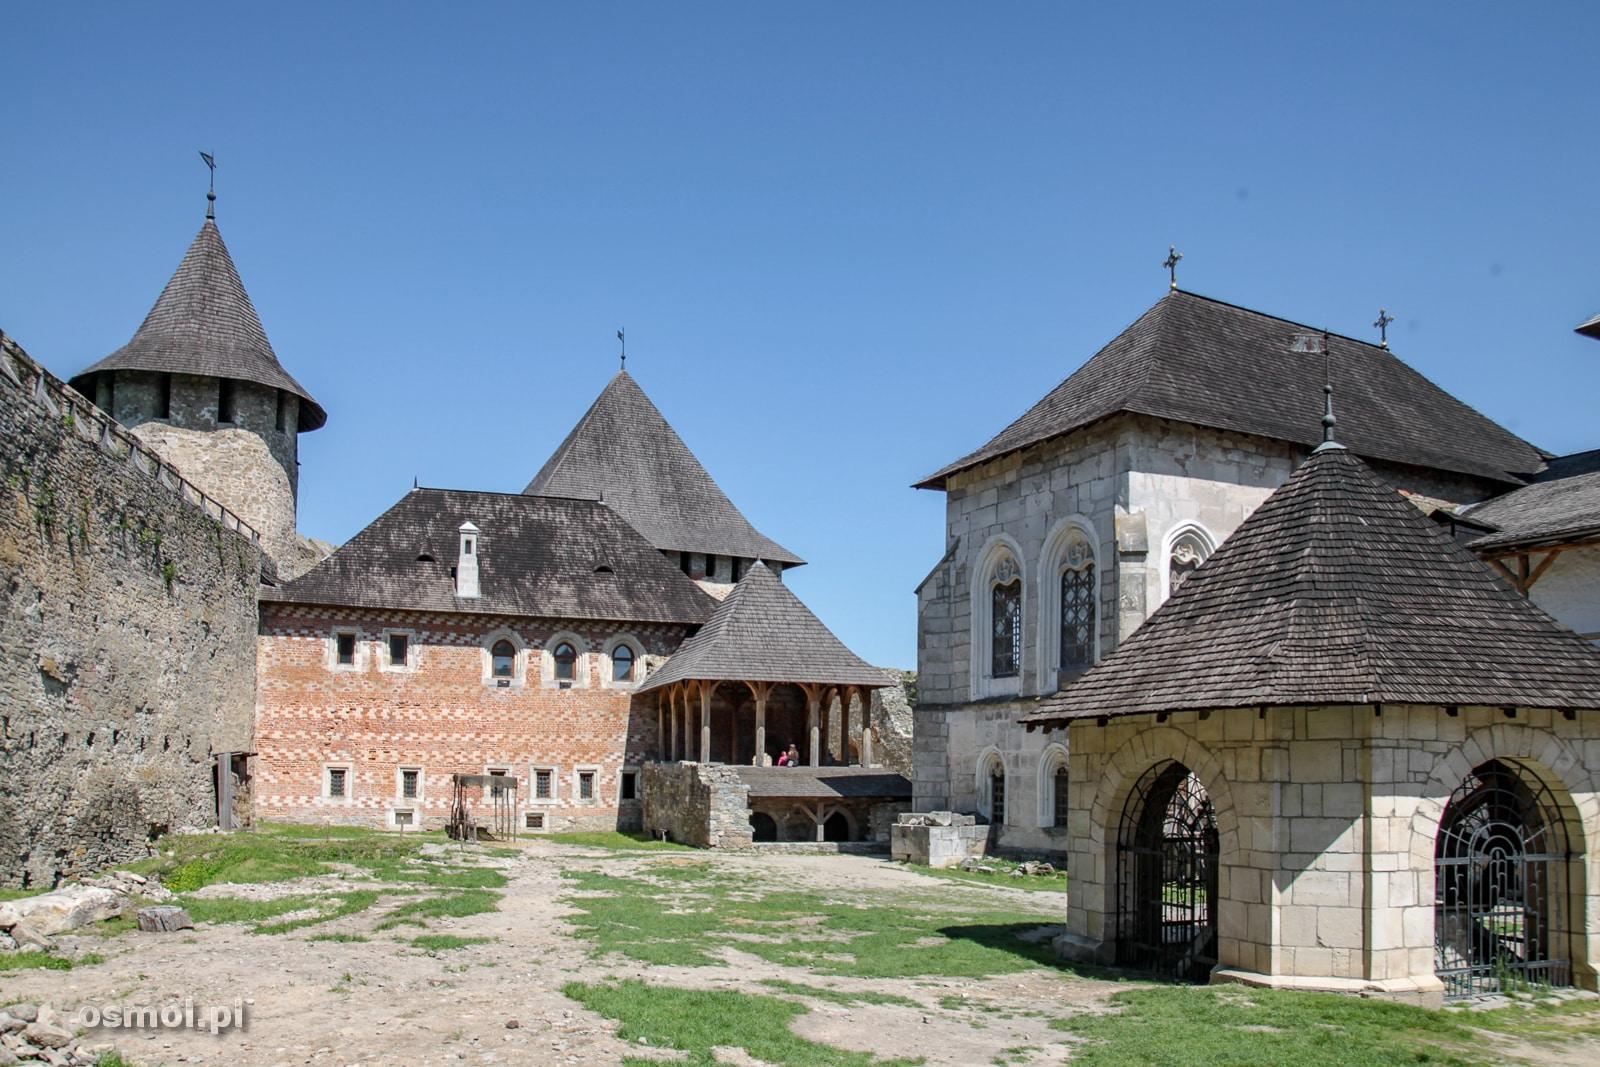 Dziedziniec zamku w Chocimiu. Podobno oryginalnie był on o wiele gęściej zabudowany, ale budynki nie przetrwały do naszych czasów.